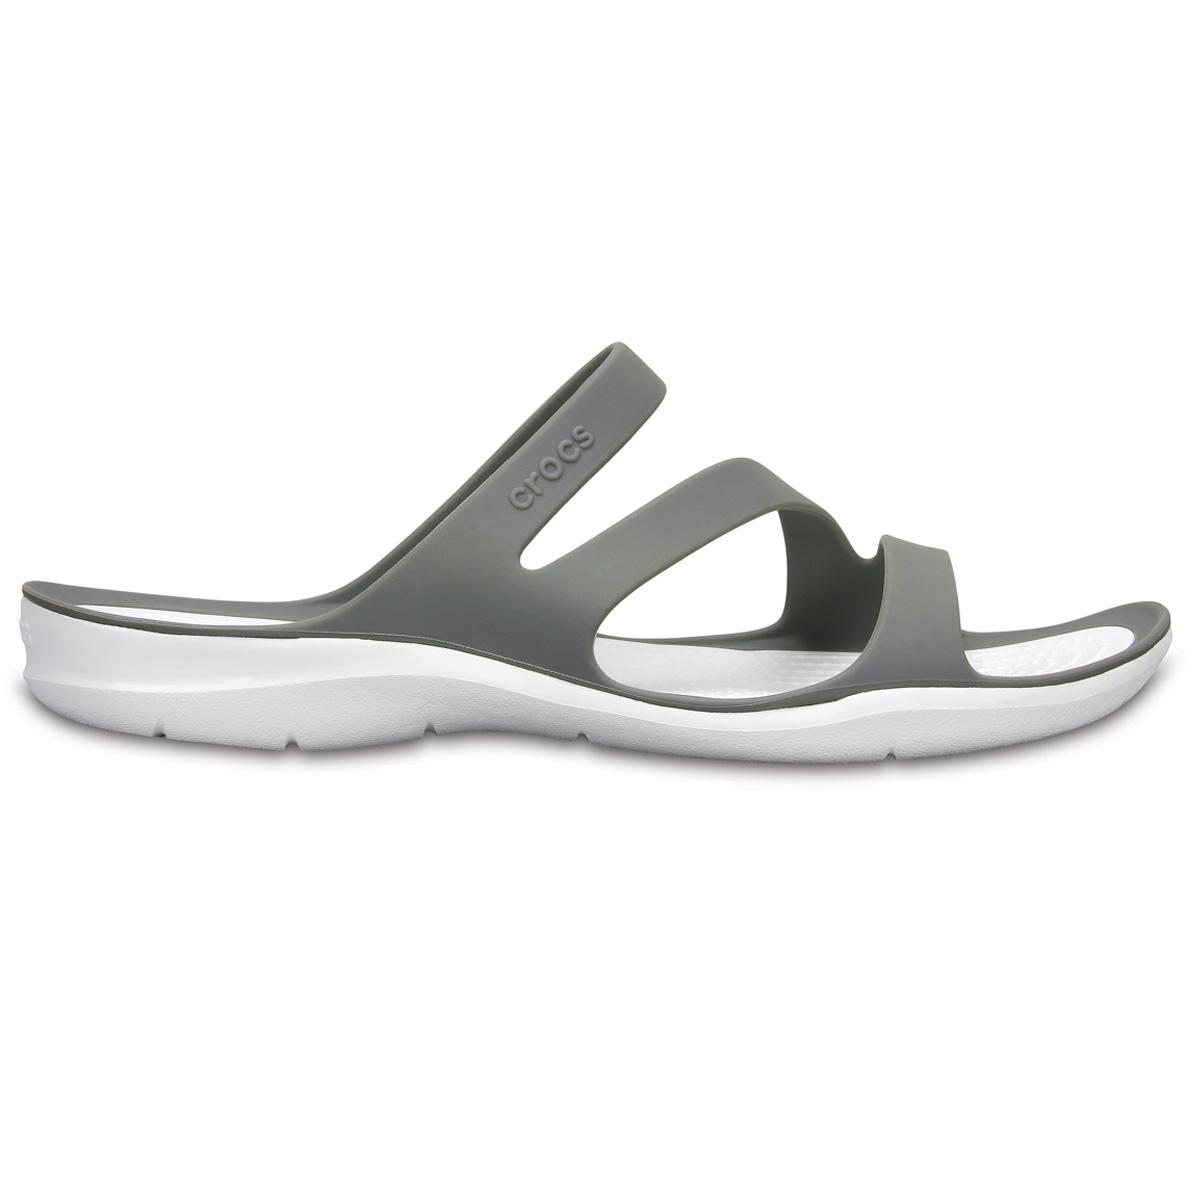 Crocs Swiftwater Sandal W - Duman/Beyaz